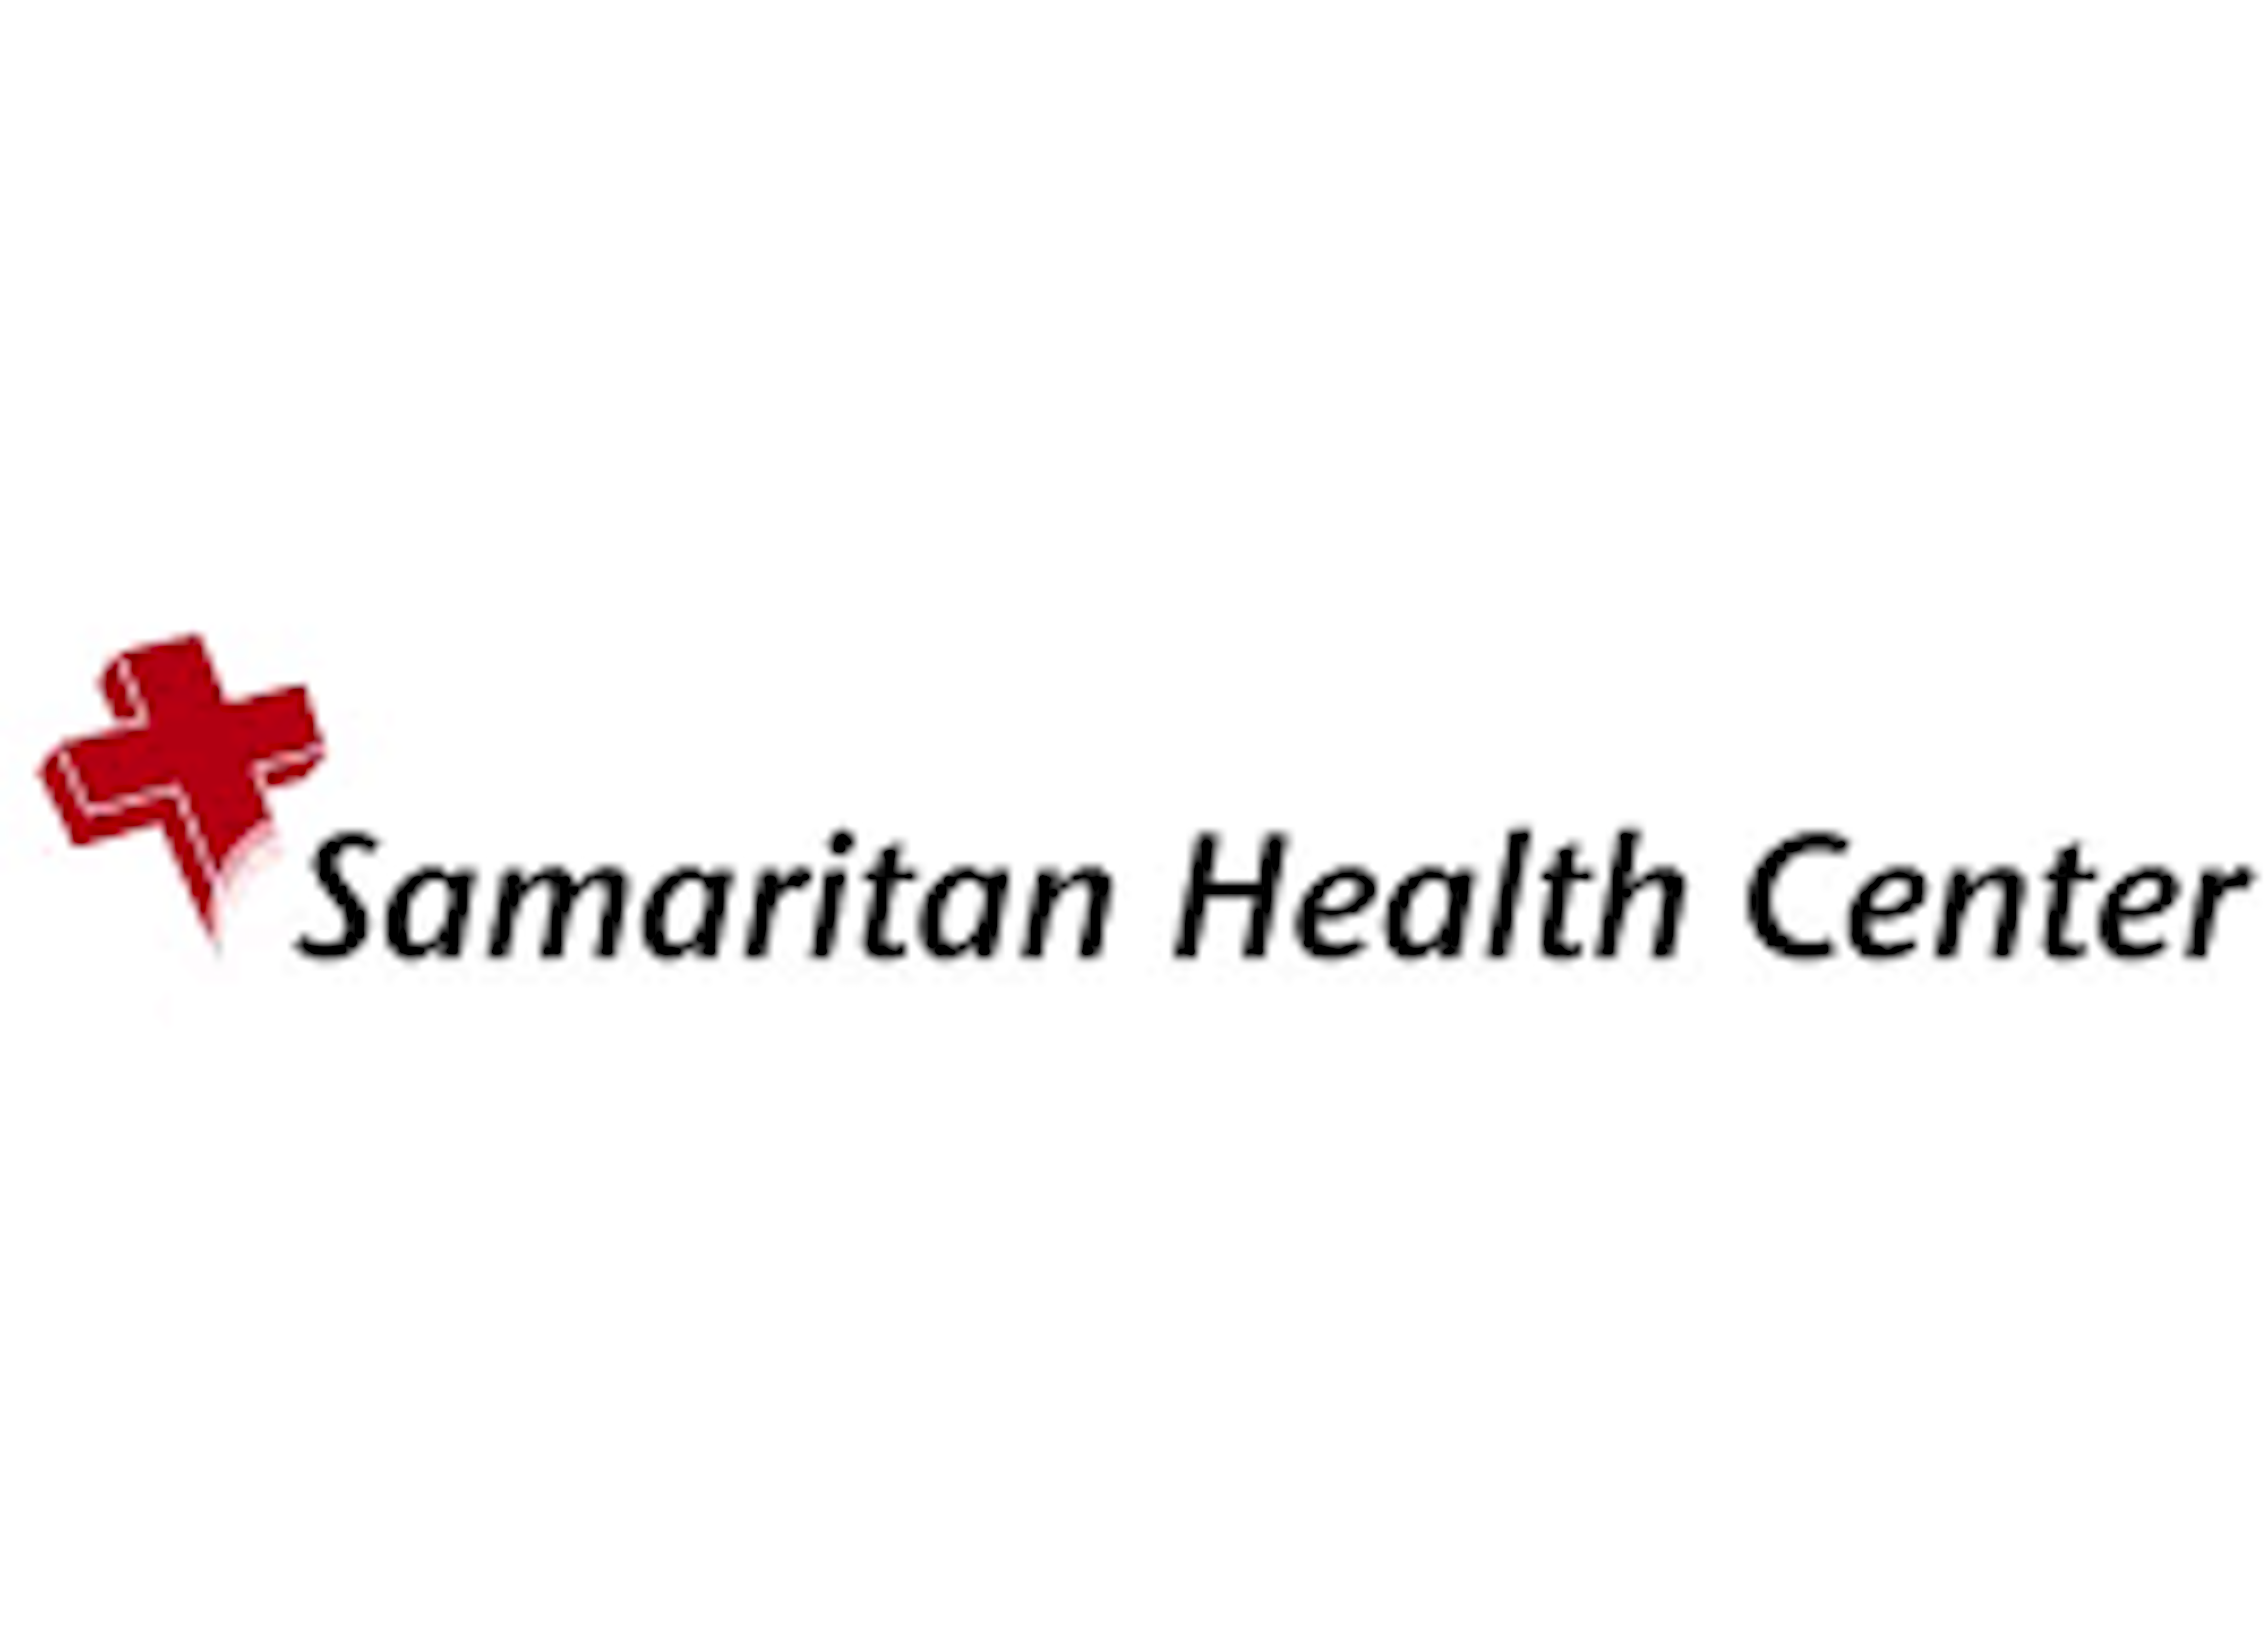 Samaritan Health